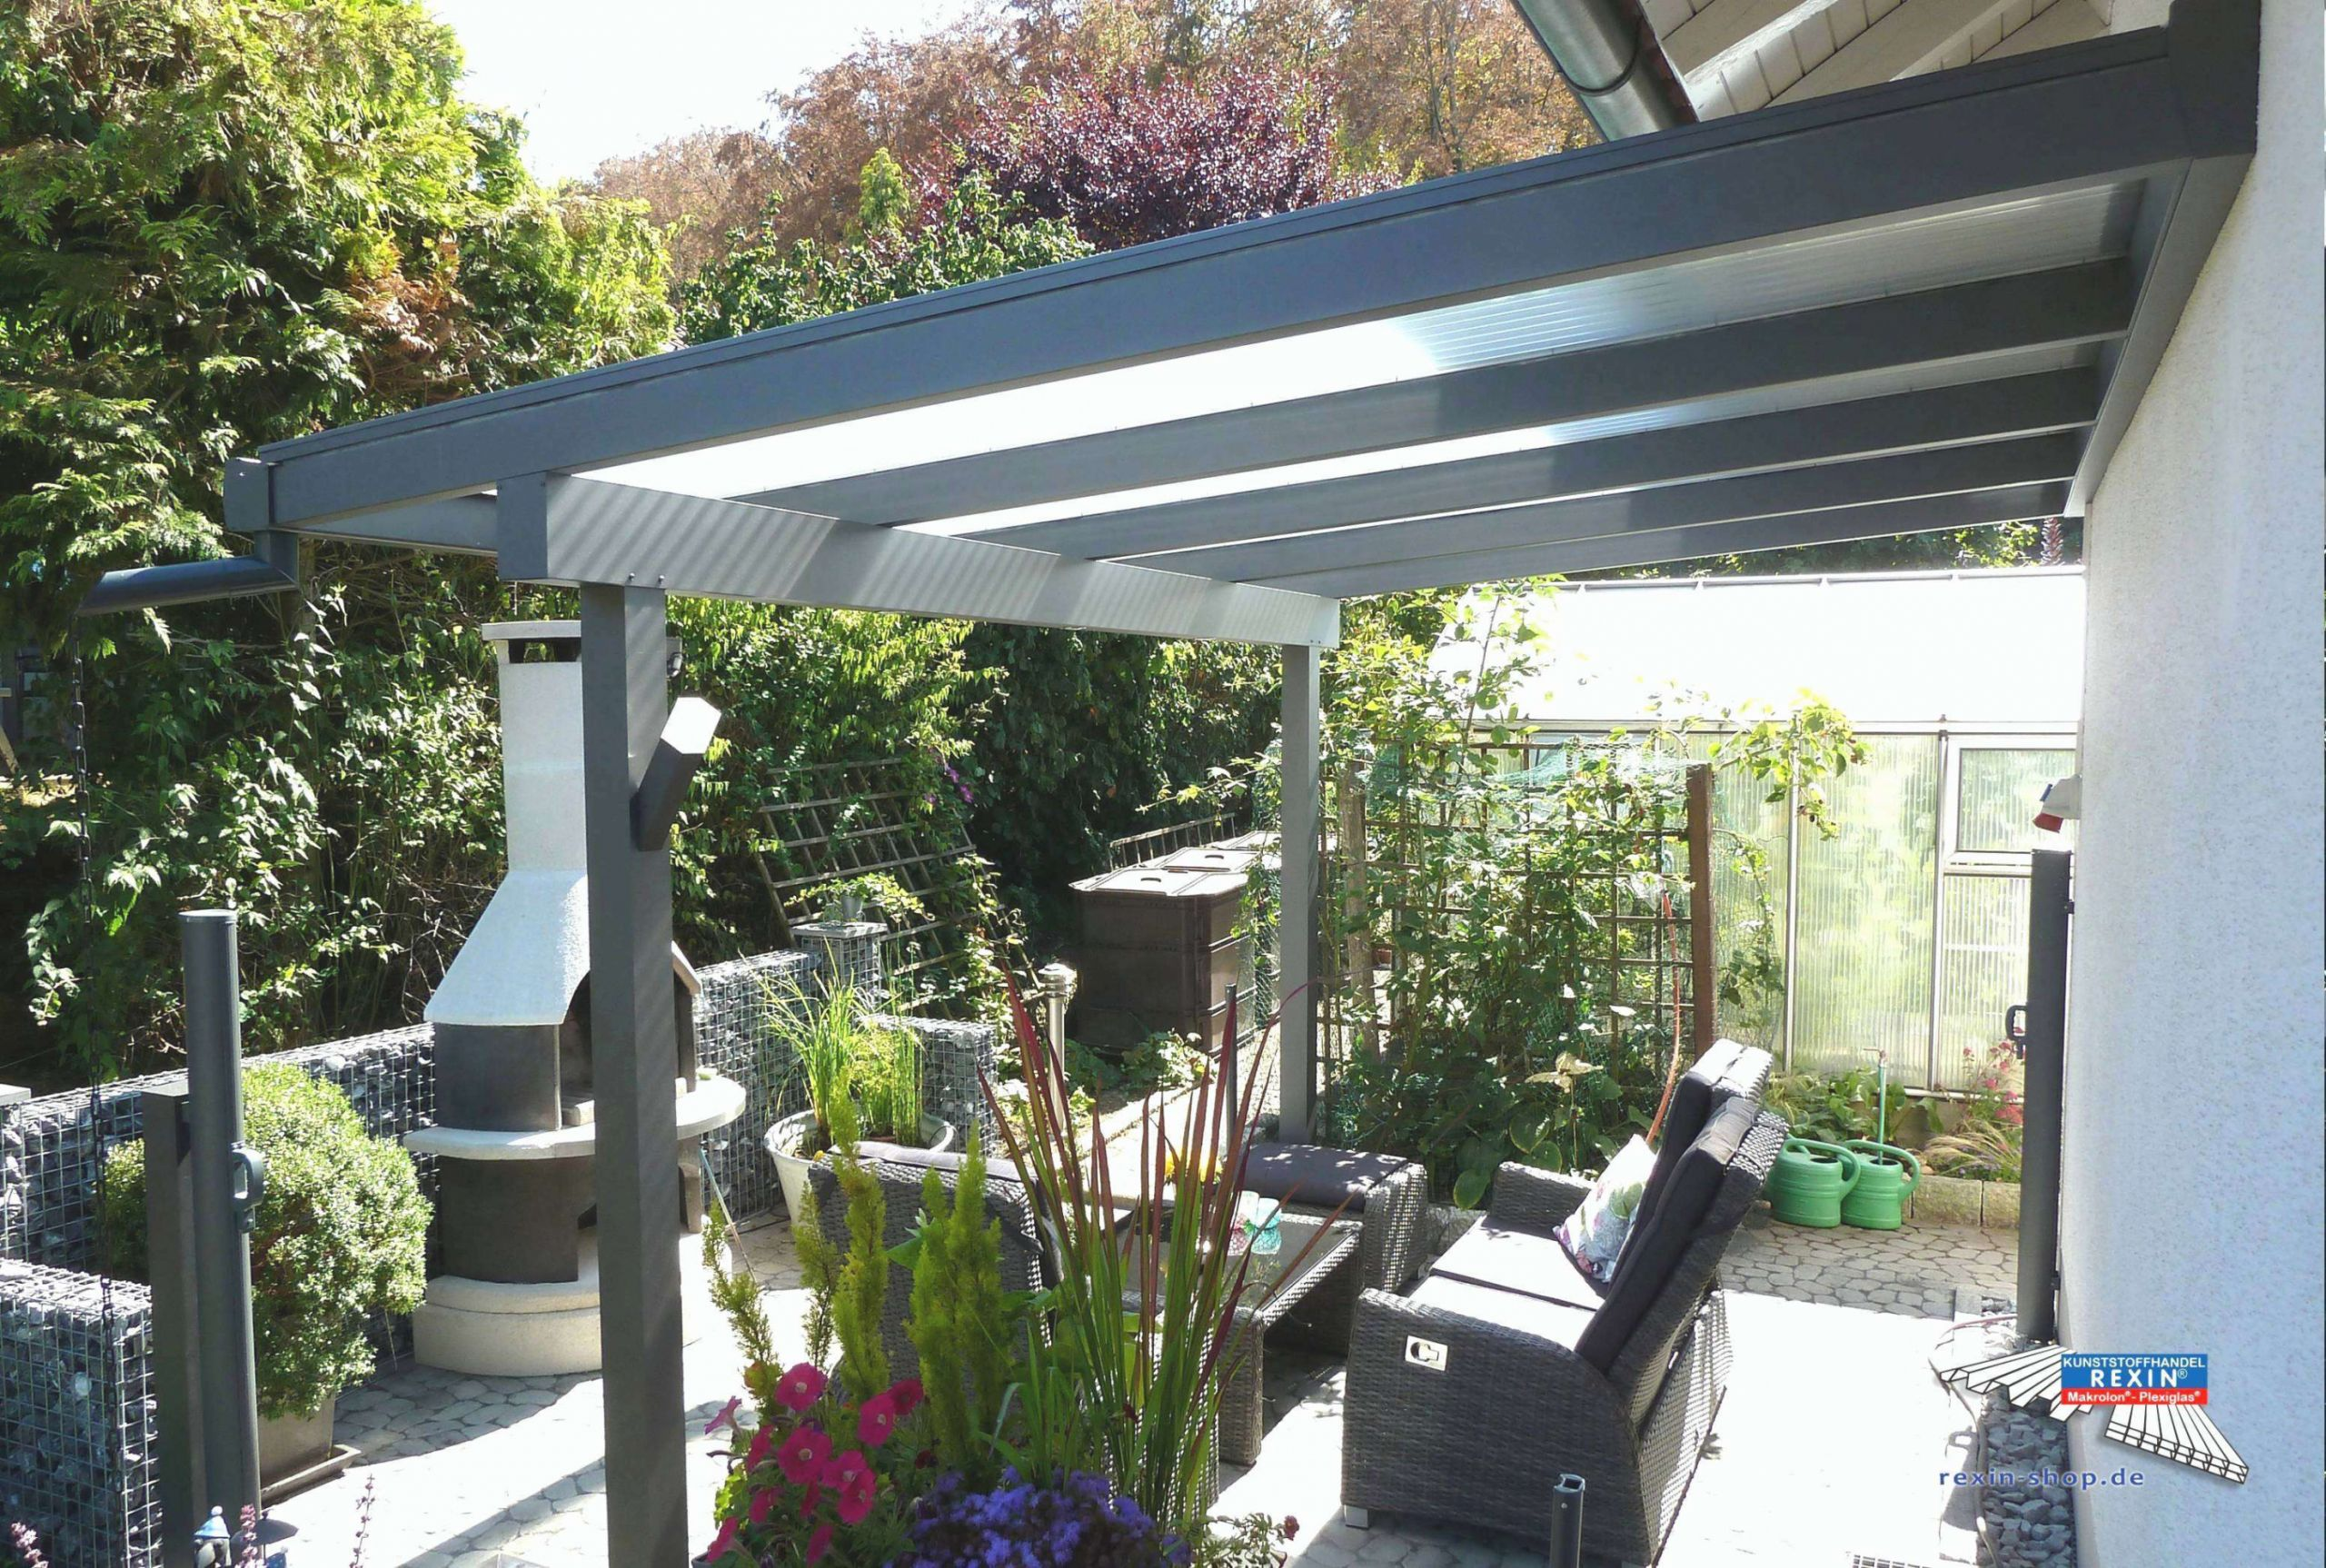 Gartendeko Selber Machen Best Of Gartendeko Selbst Gemacht — Temobardz Home Blog